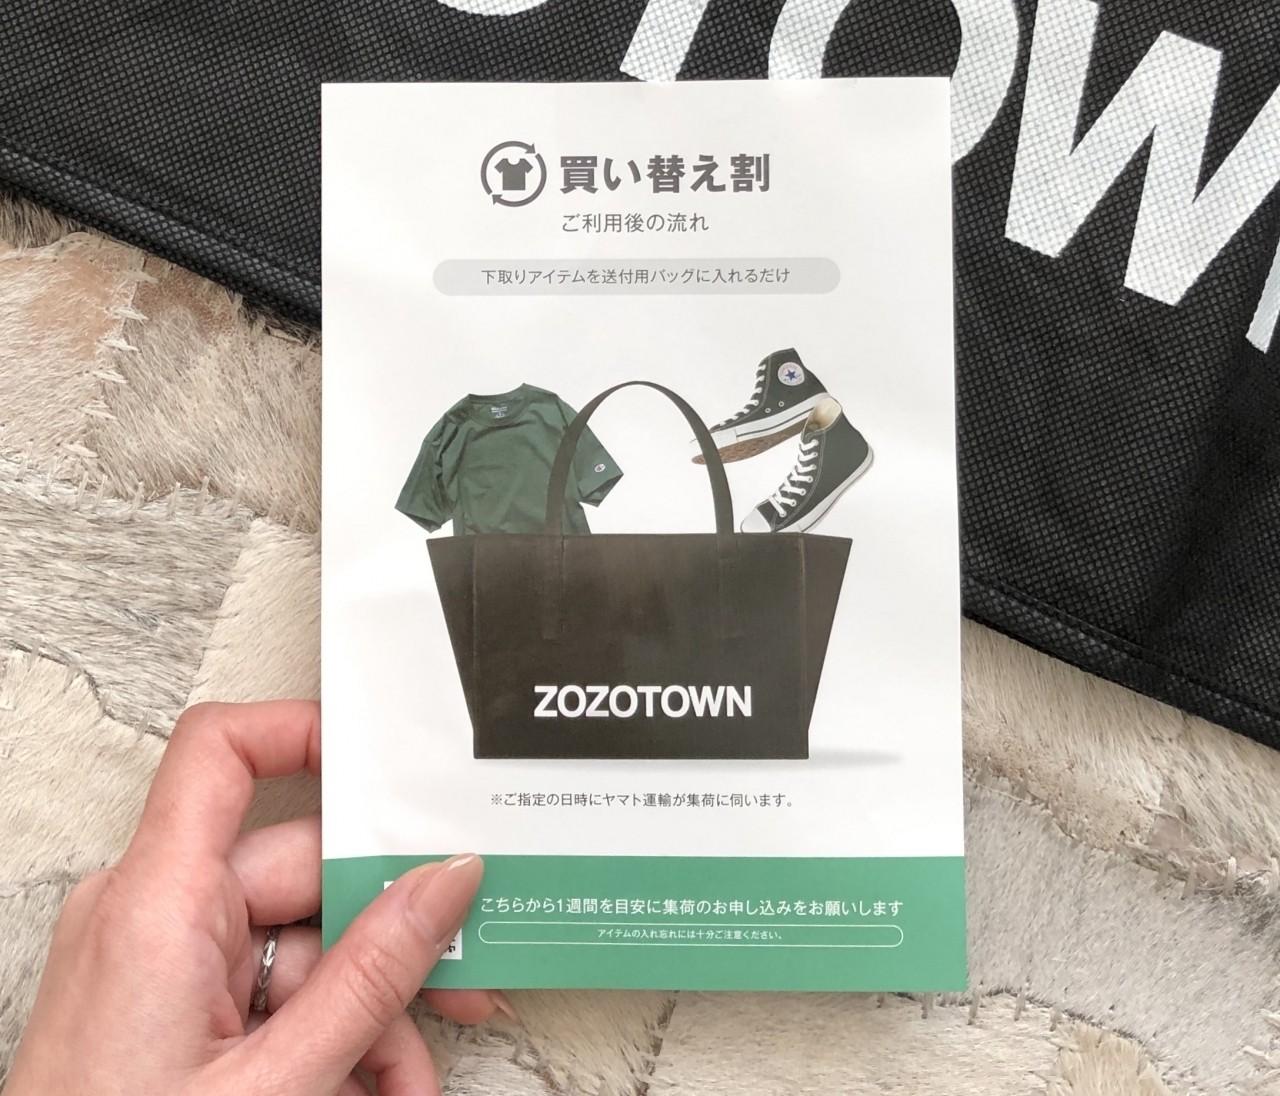 断捨離をカンタンに!ZOZOTOWN(ゾゾタウン)の買い替え割を活用